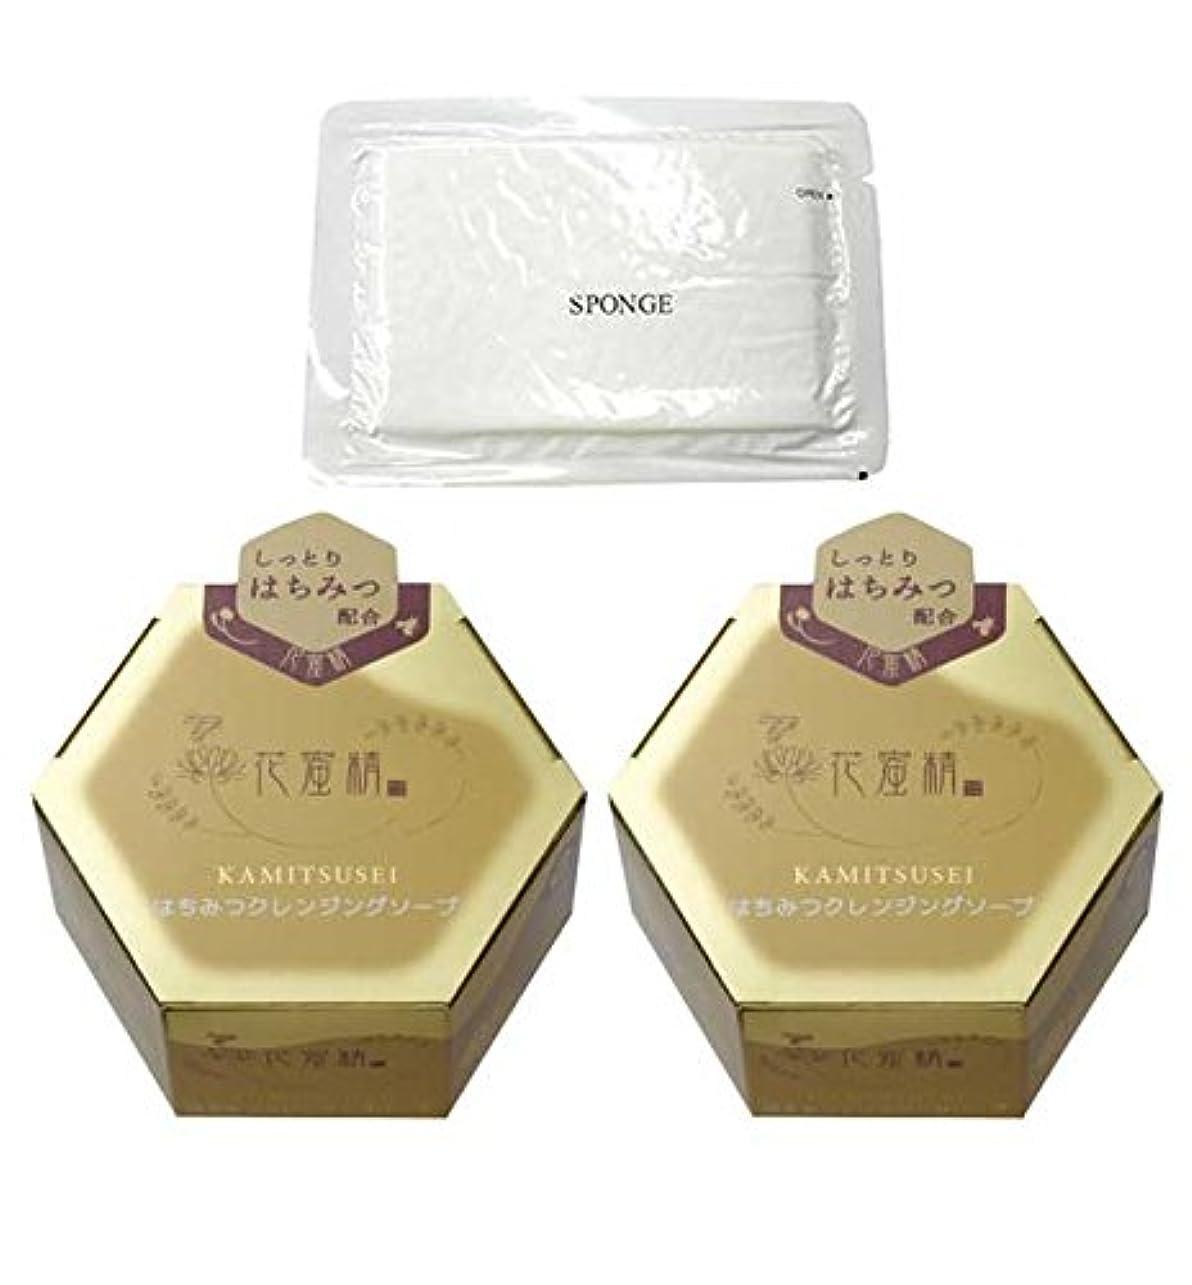 むしゃむしゃ形成肩をすくめる花蜜精 はちみつクレンジングソープ 85g 2個 + 圧縮スポンジセット